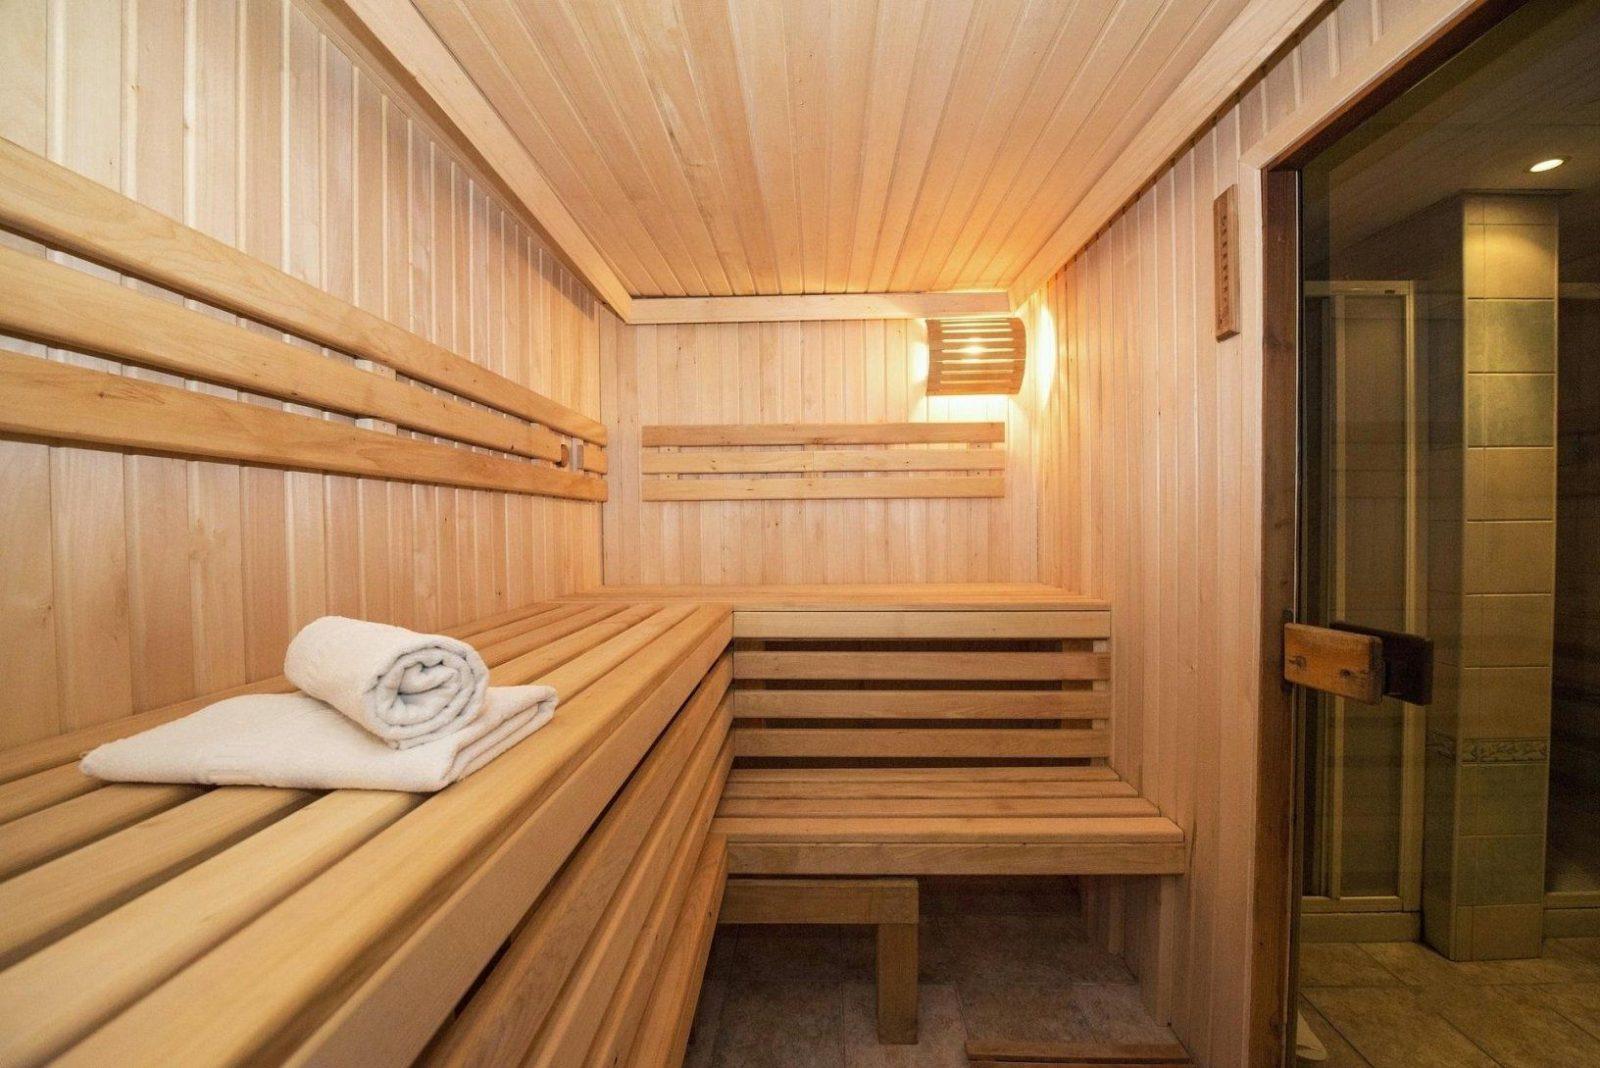 Sauna Im Keller Kosten Dammen Schimmel Was Muss Man Beachten von Sauna Im Keller Kosten Bild